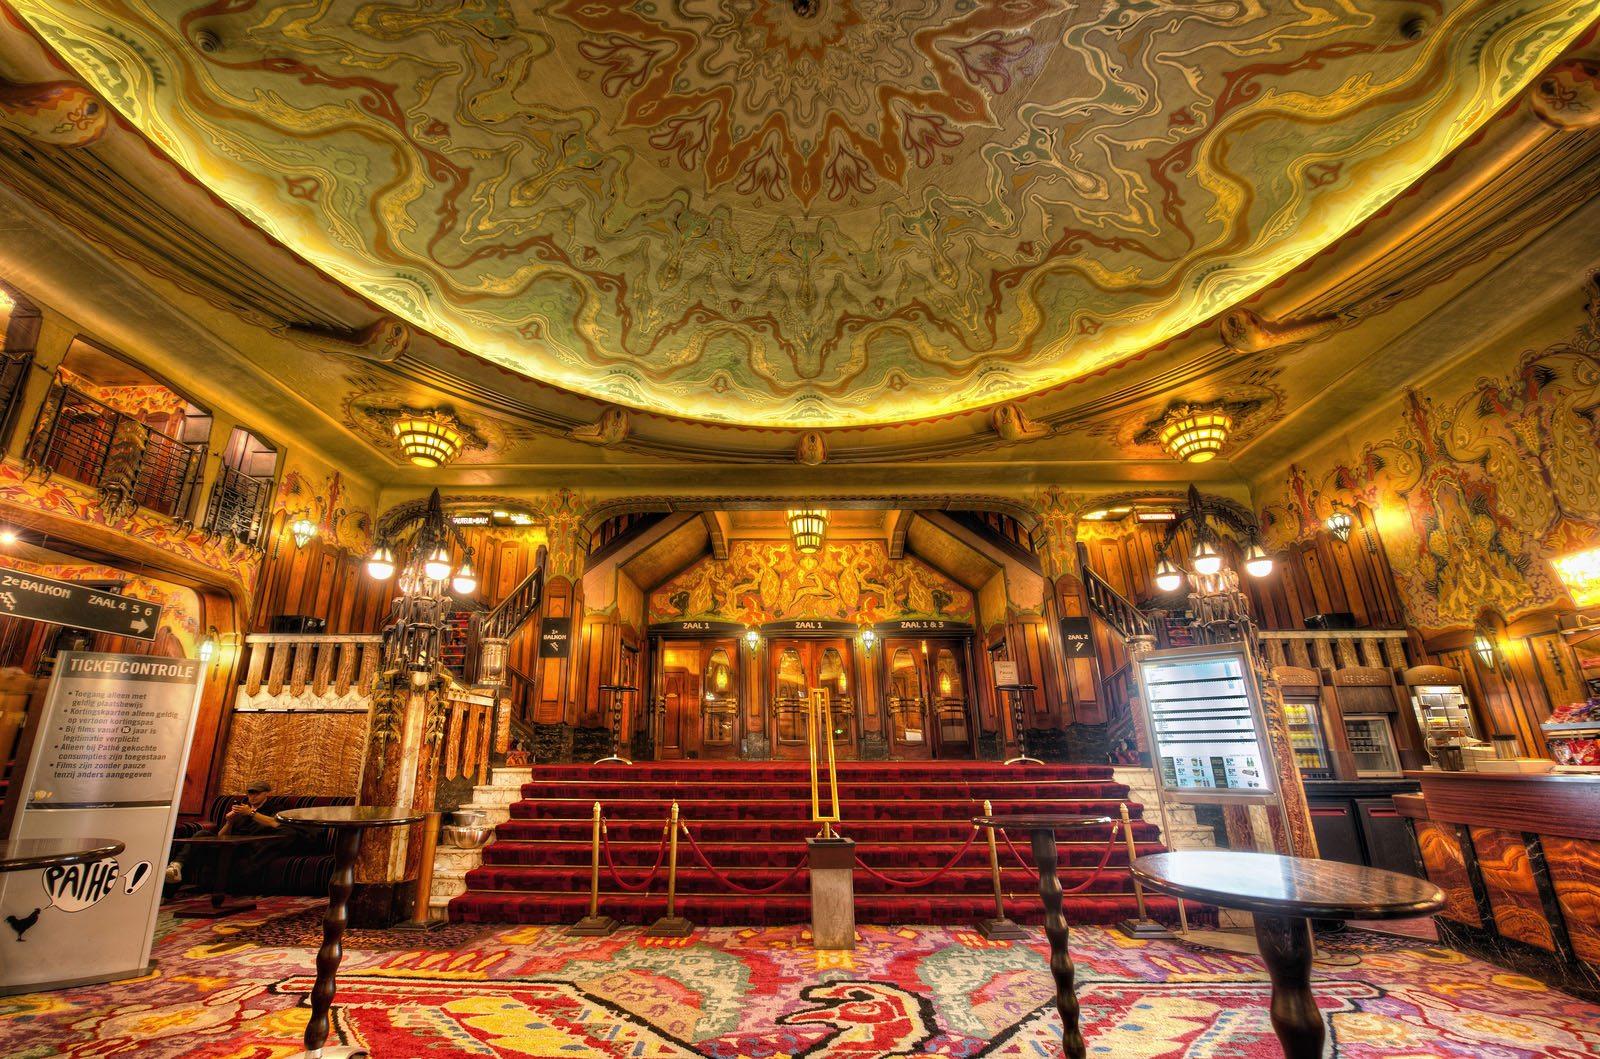 Tuschinski Theatre Lobby